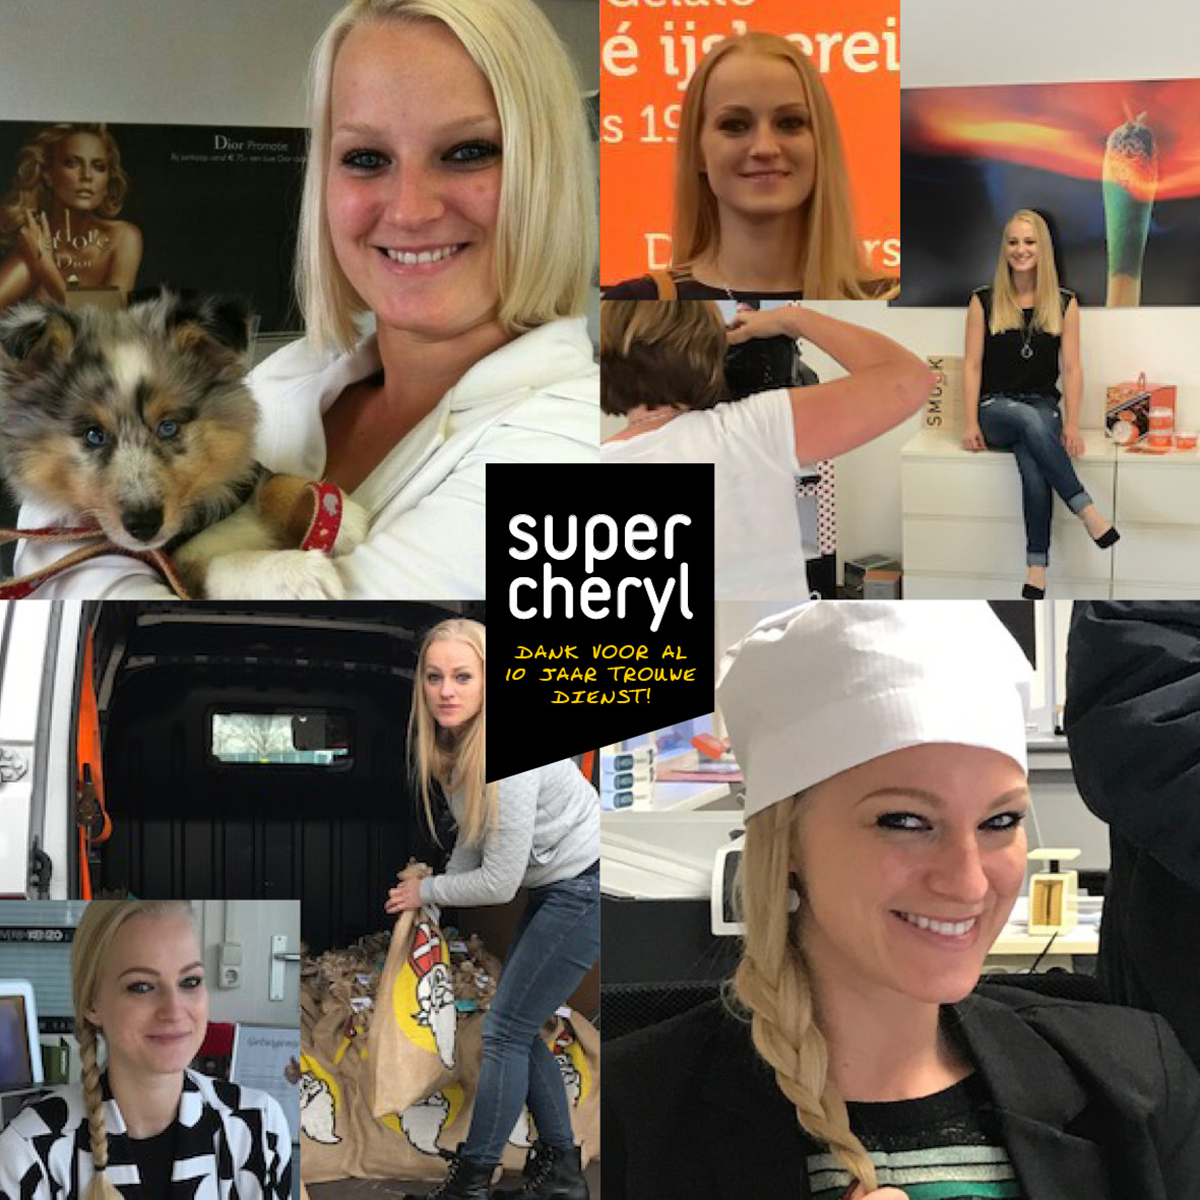 Cheryl & Reklamesuper 10 jaar samen!